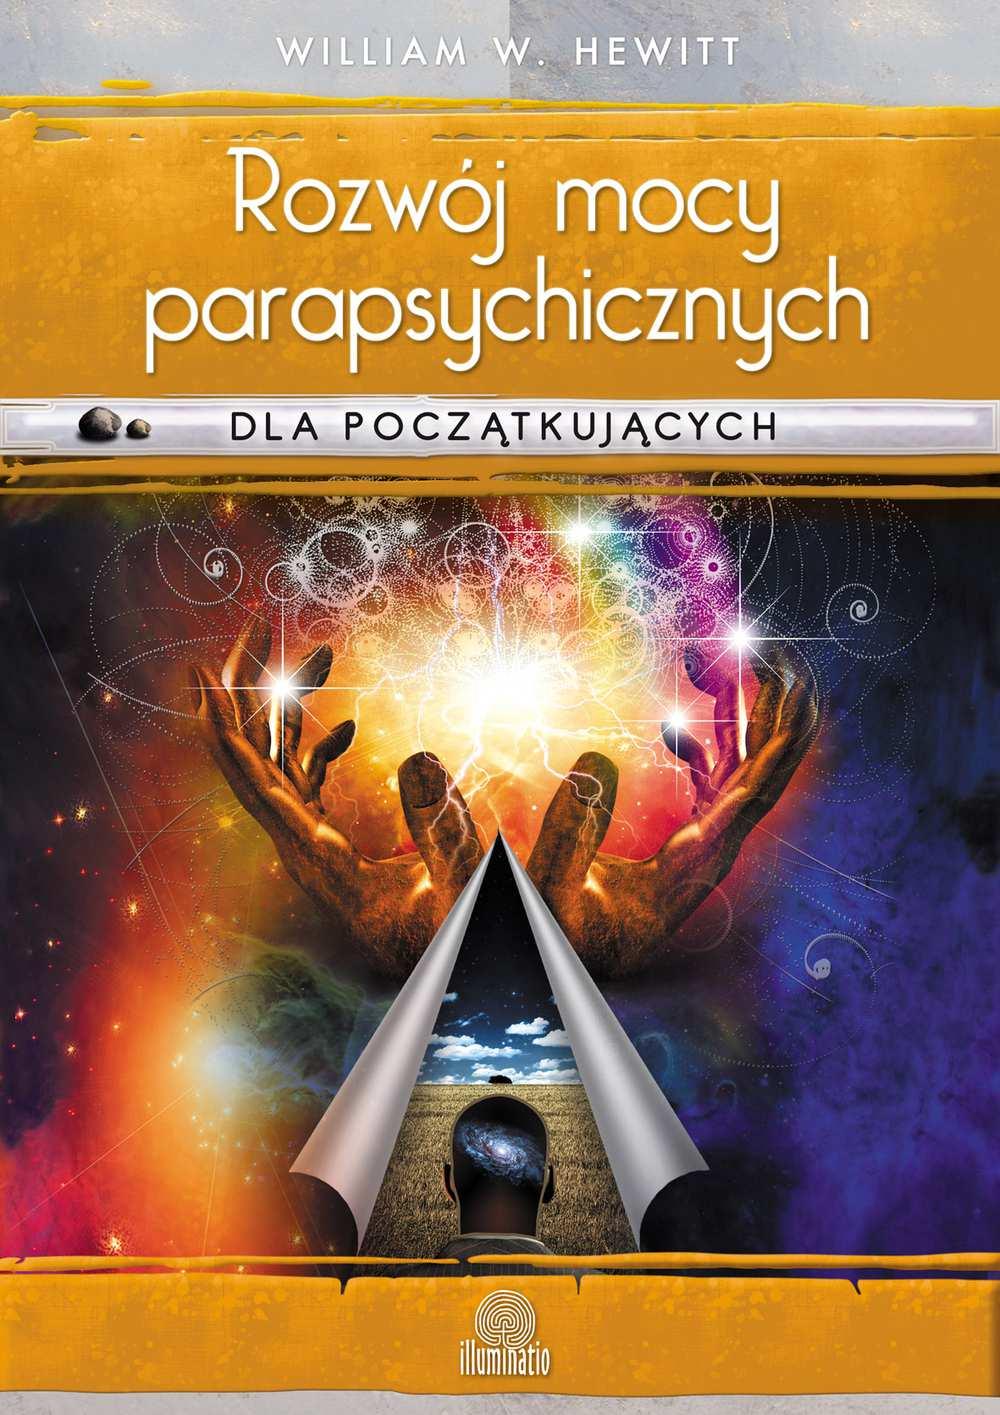 Rozwój mocy parapsychicznych dla początkujących. Prosty przewodnik po sposobach rozwijania i wyzwalania umiejętności mentalnych - Ebook (Książka na Kindle) do pobrania w formacie MOBI